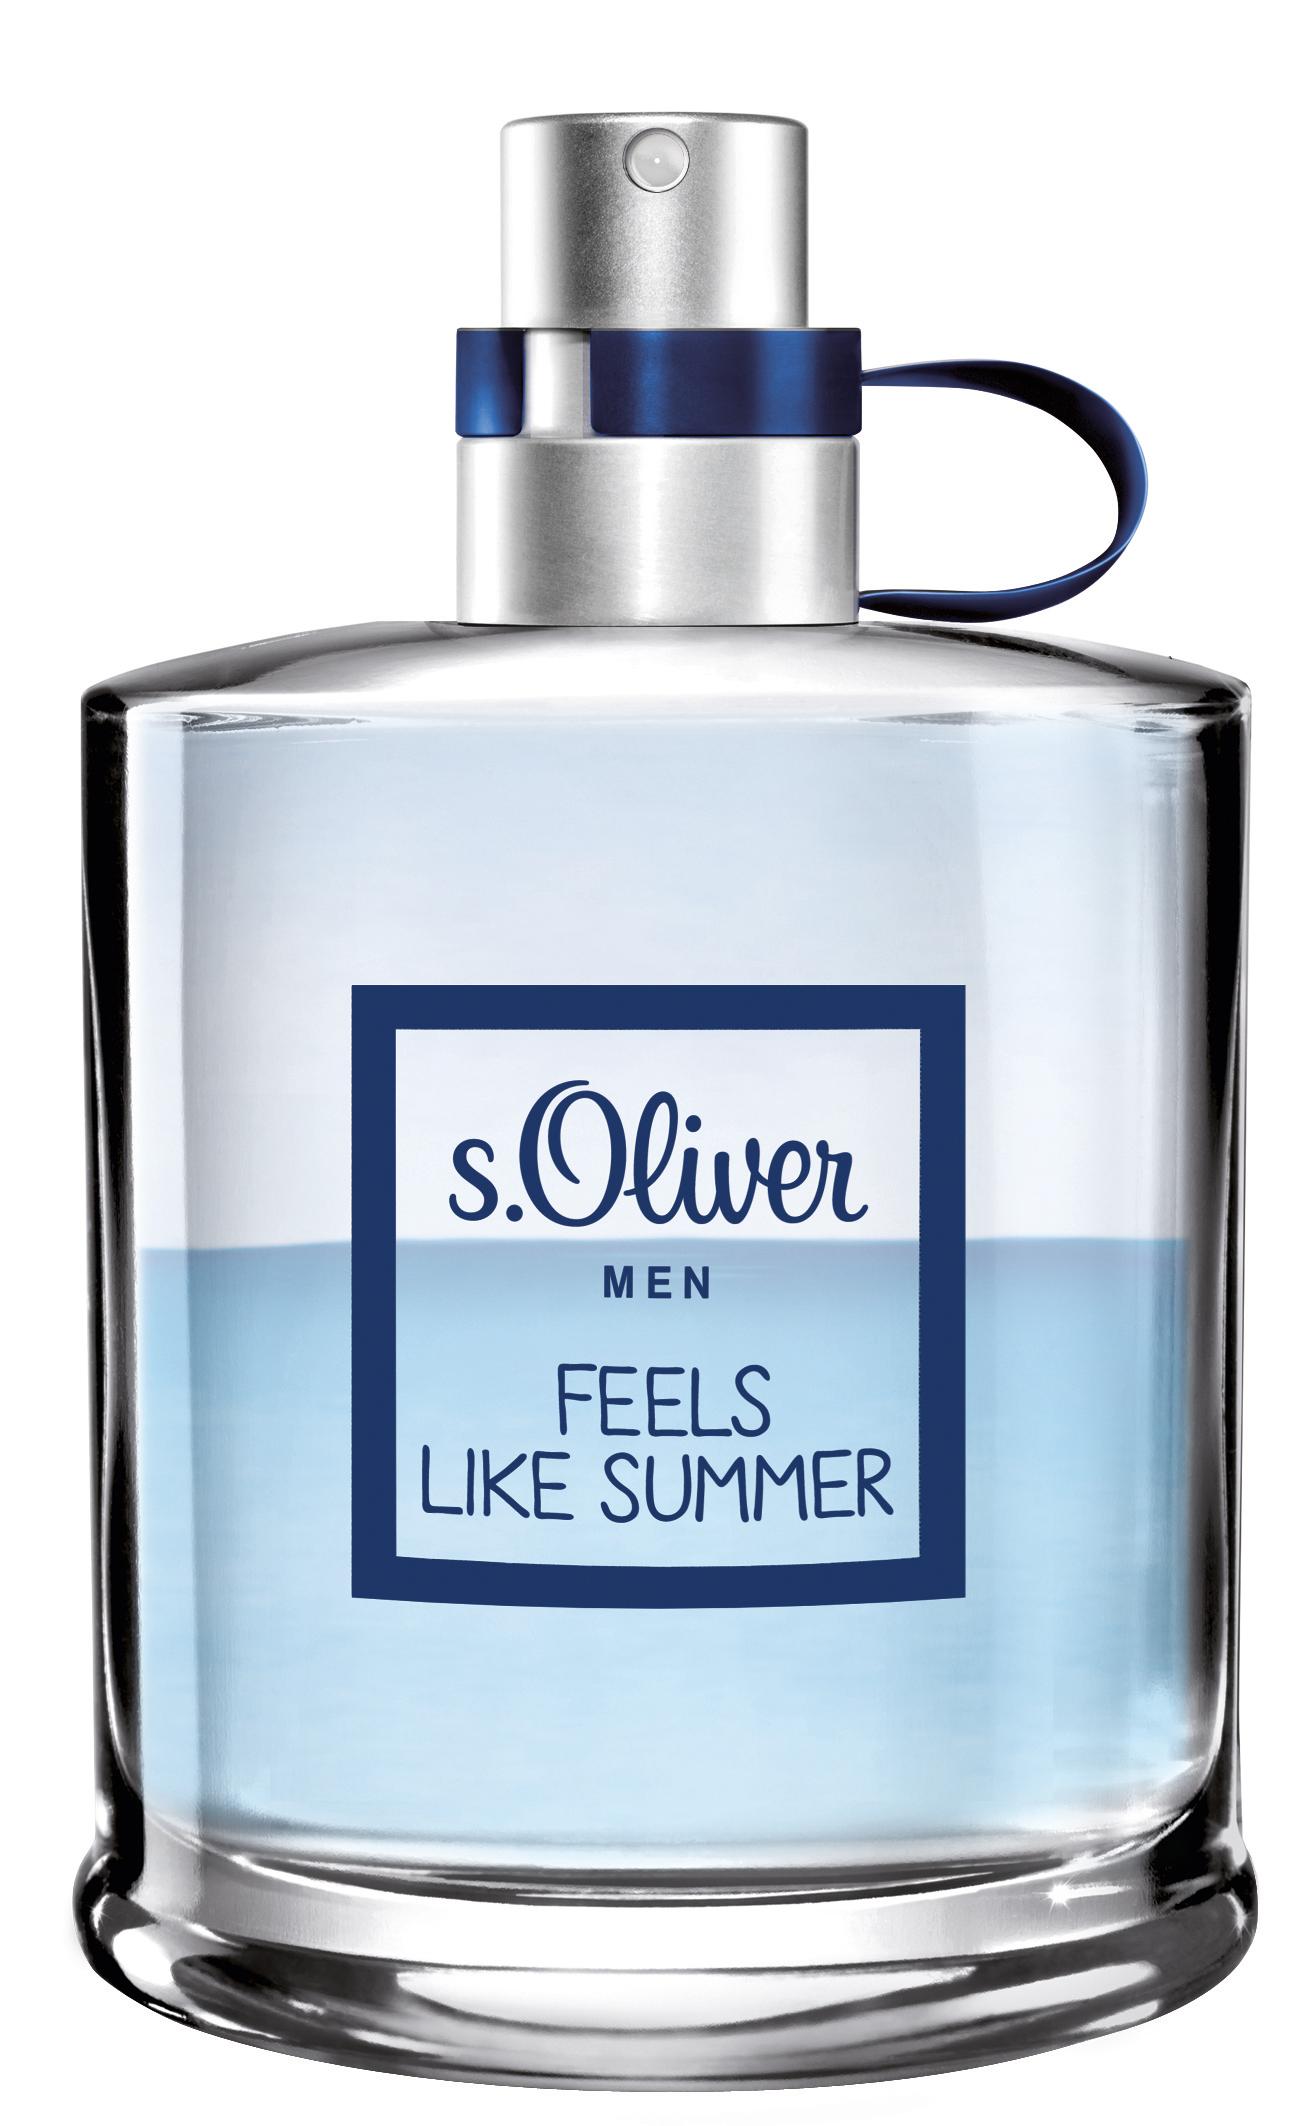 A kalandornak<br />s.Oliver FEELS LIKE SUMMER <br /><br />Friss, mint a tengeri szellő - az s.Oliver FEELS LIKE SUMMER férfi illata egy a vízen töltött aktív nap emlékét idézi. Dinamikus és erőteljes, mint egy átbukó tarajú hullám. A nyári hőmérsékletekhez illően viselőjét a limitált széria vonzó és férfiasan markáns illata kíséri.<br /><br />Még nem keső az Anyák Napját bepótolni a FEELS LIKE SUMMER női változatával. Ìgy az igazi az összhang!<br /><br />A termékek megvásárolhatóak a DM, ROSSMAN ÉS A MÜLLER DROGÉRIÁKBAN :)